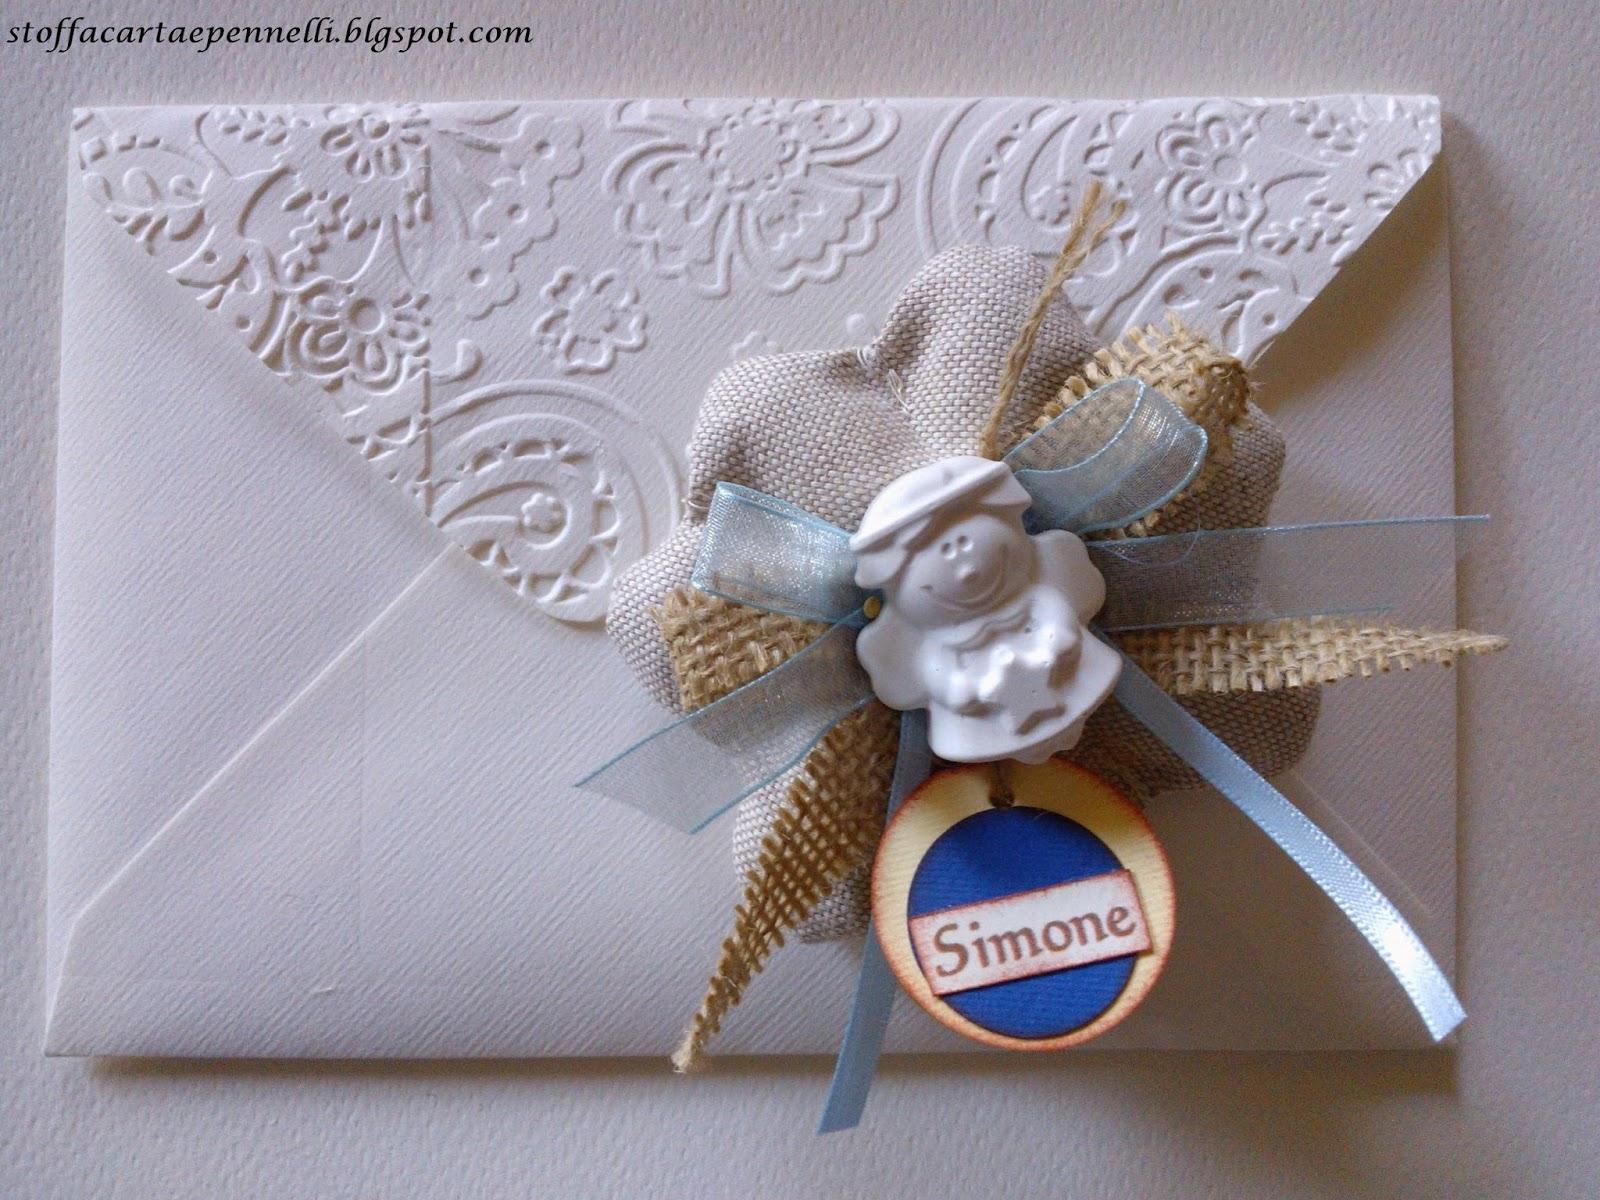 Famoso stoffa carta e pennelli: Bomboniere con gessetti profumati Prima  SM72